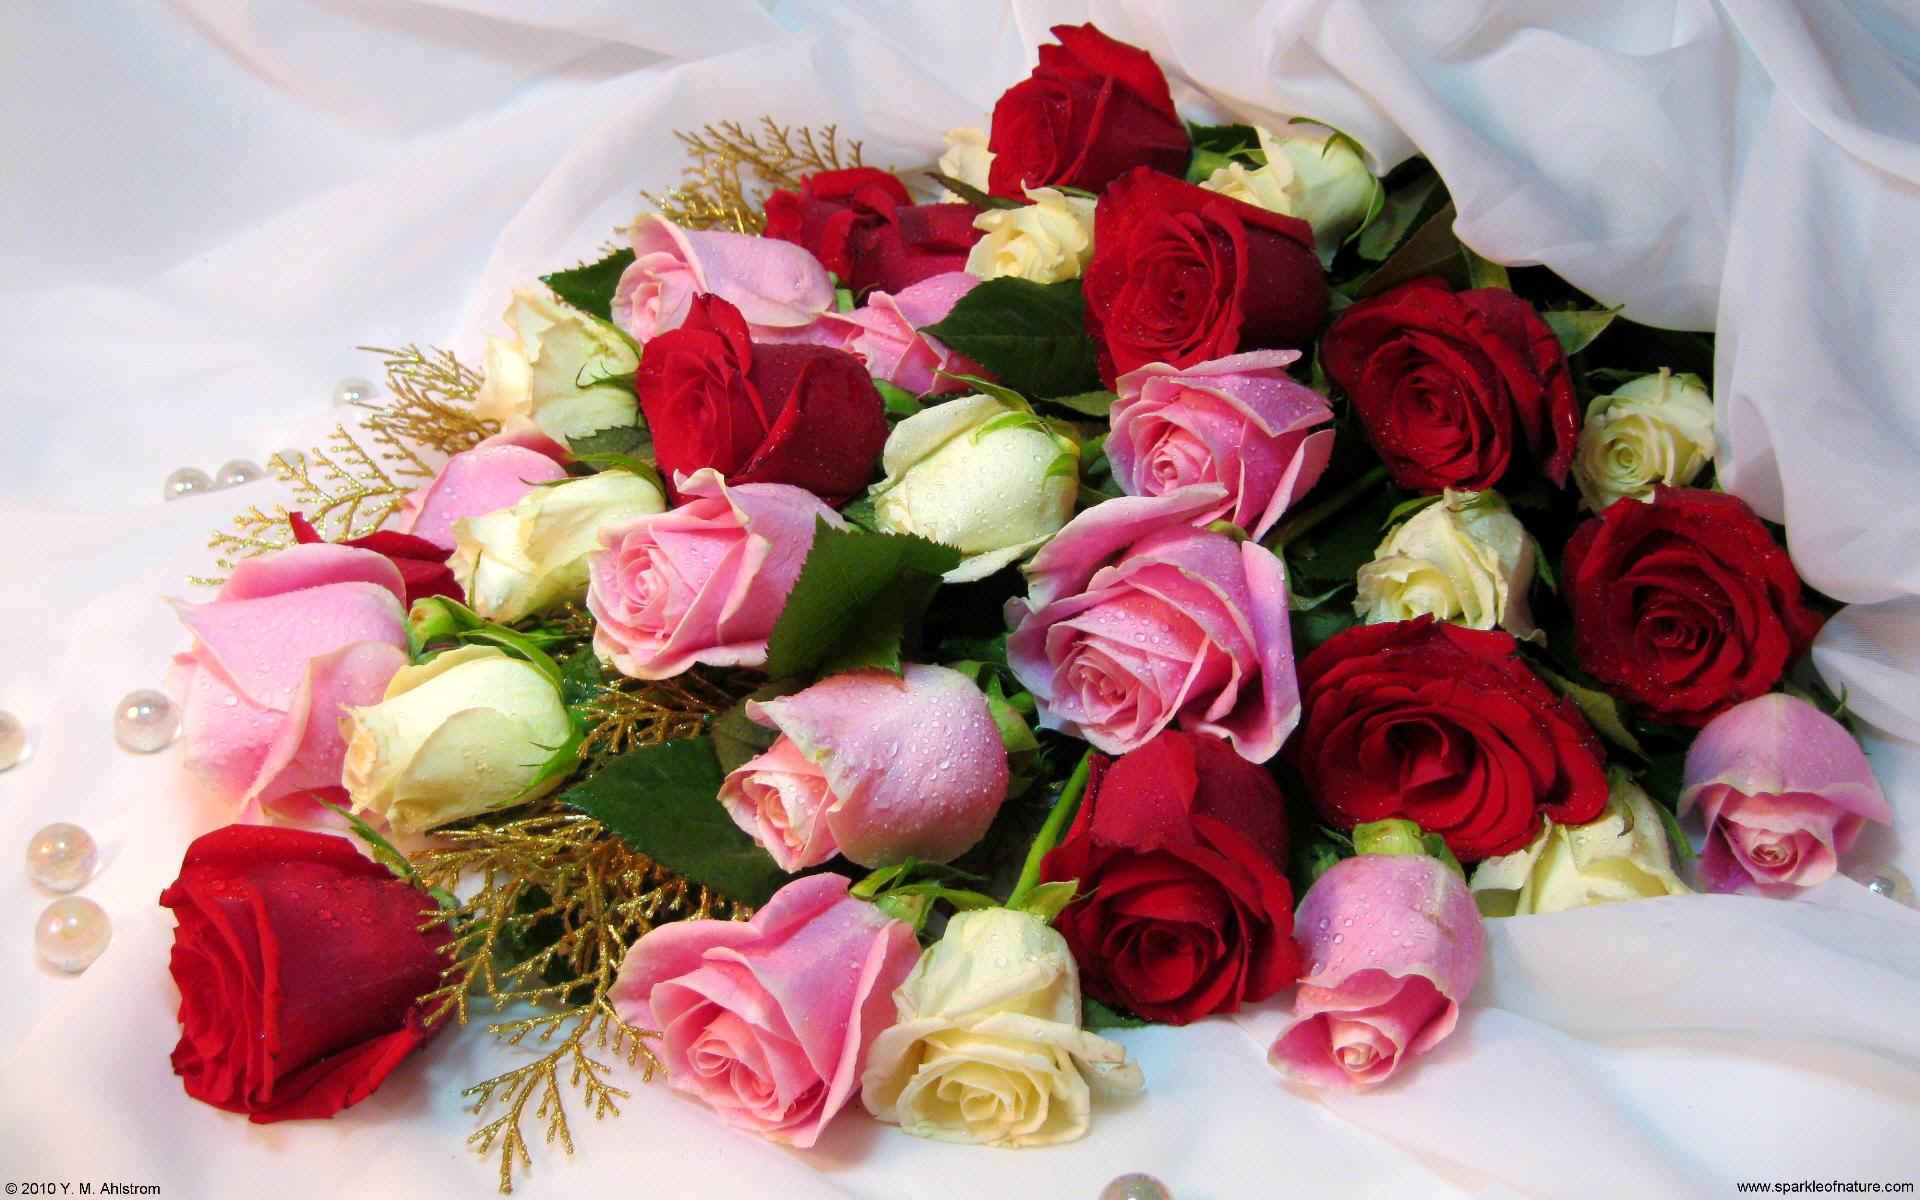 Roses Bouquet Tumblr